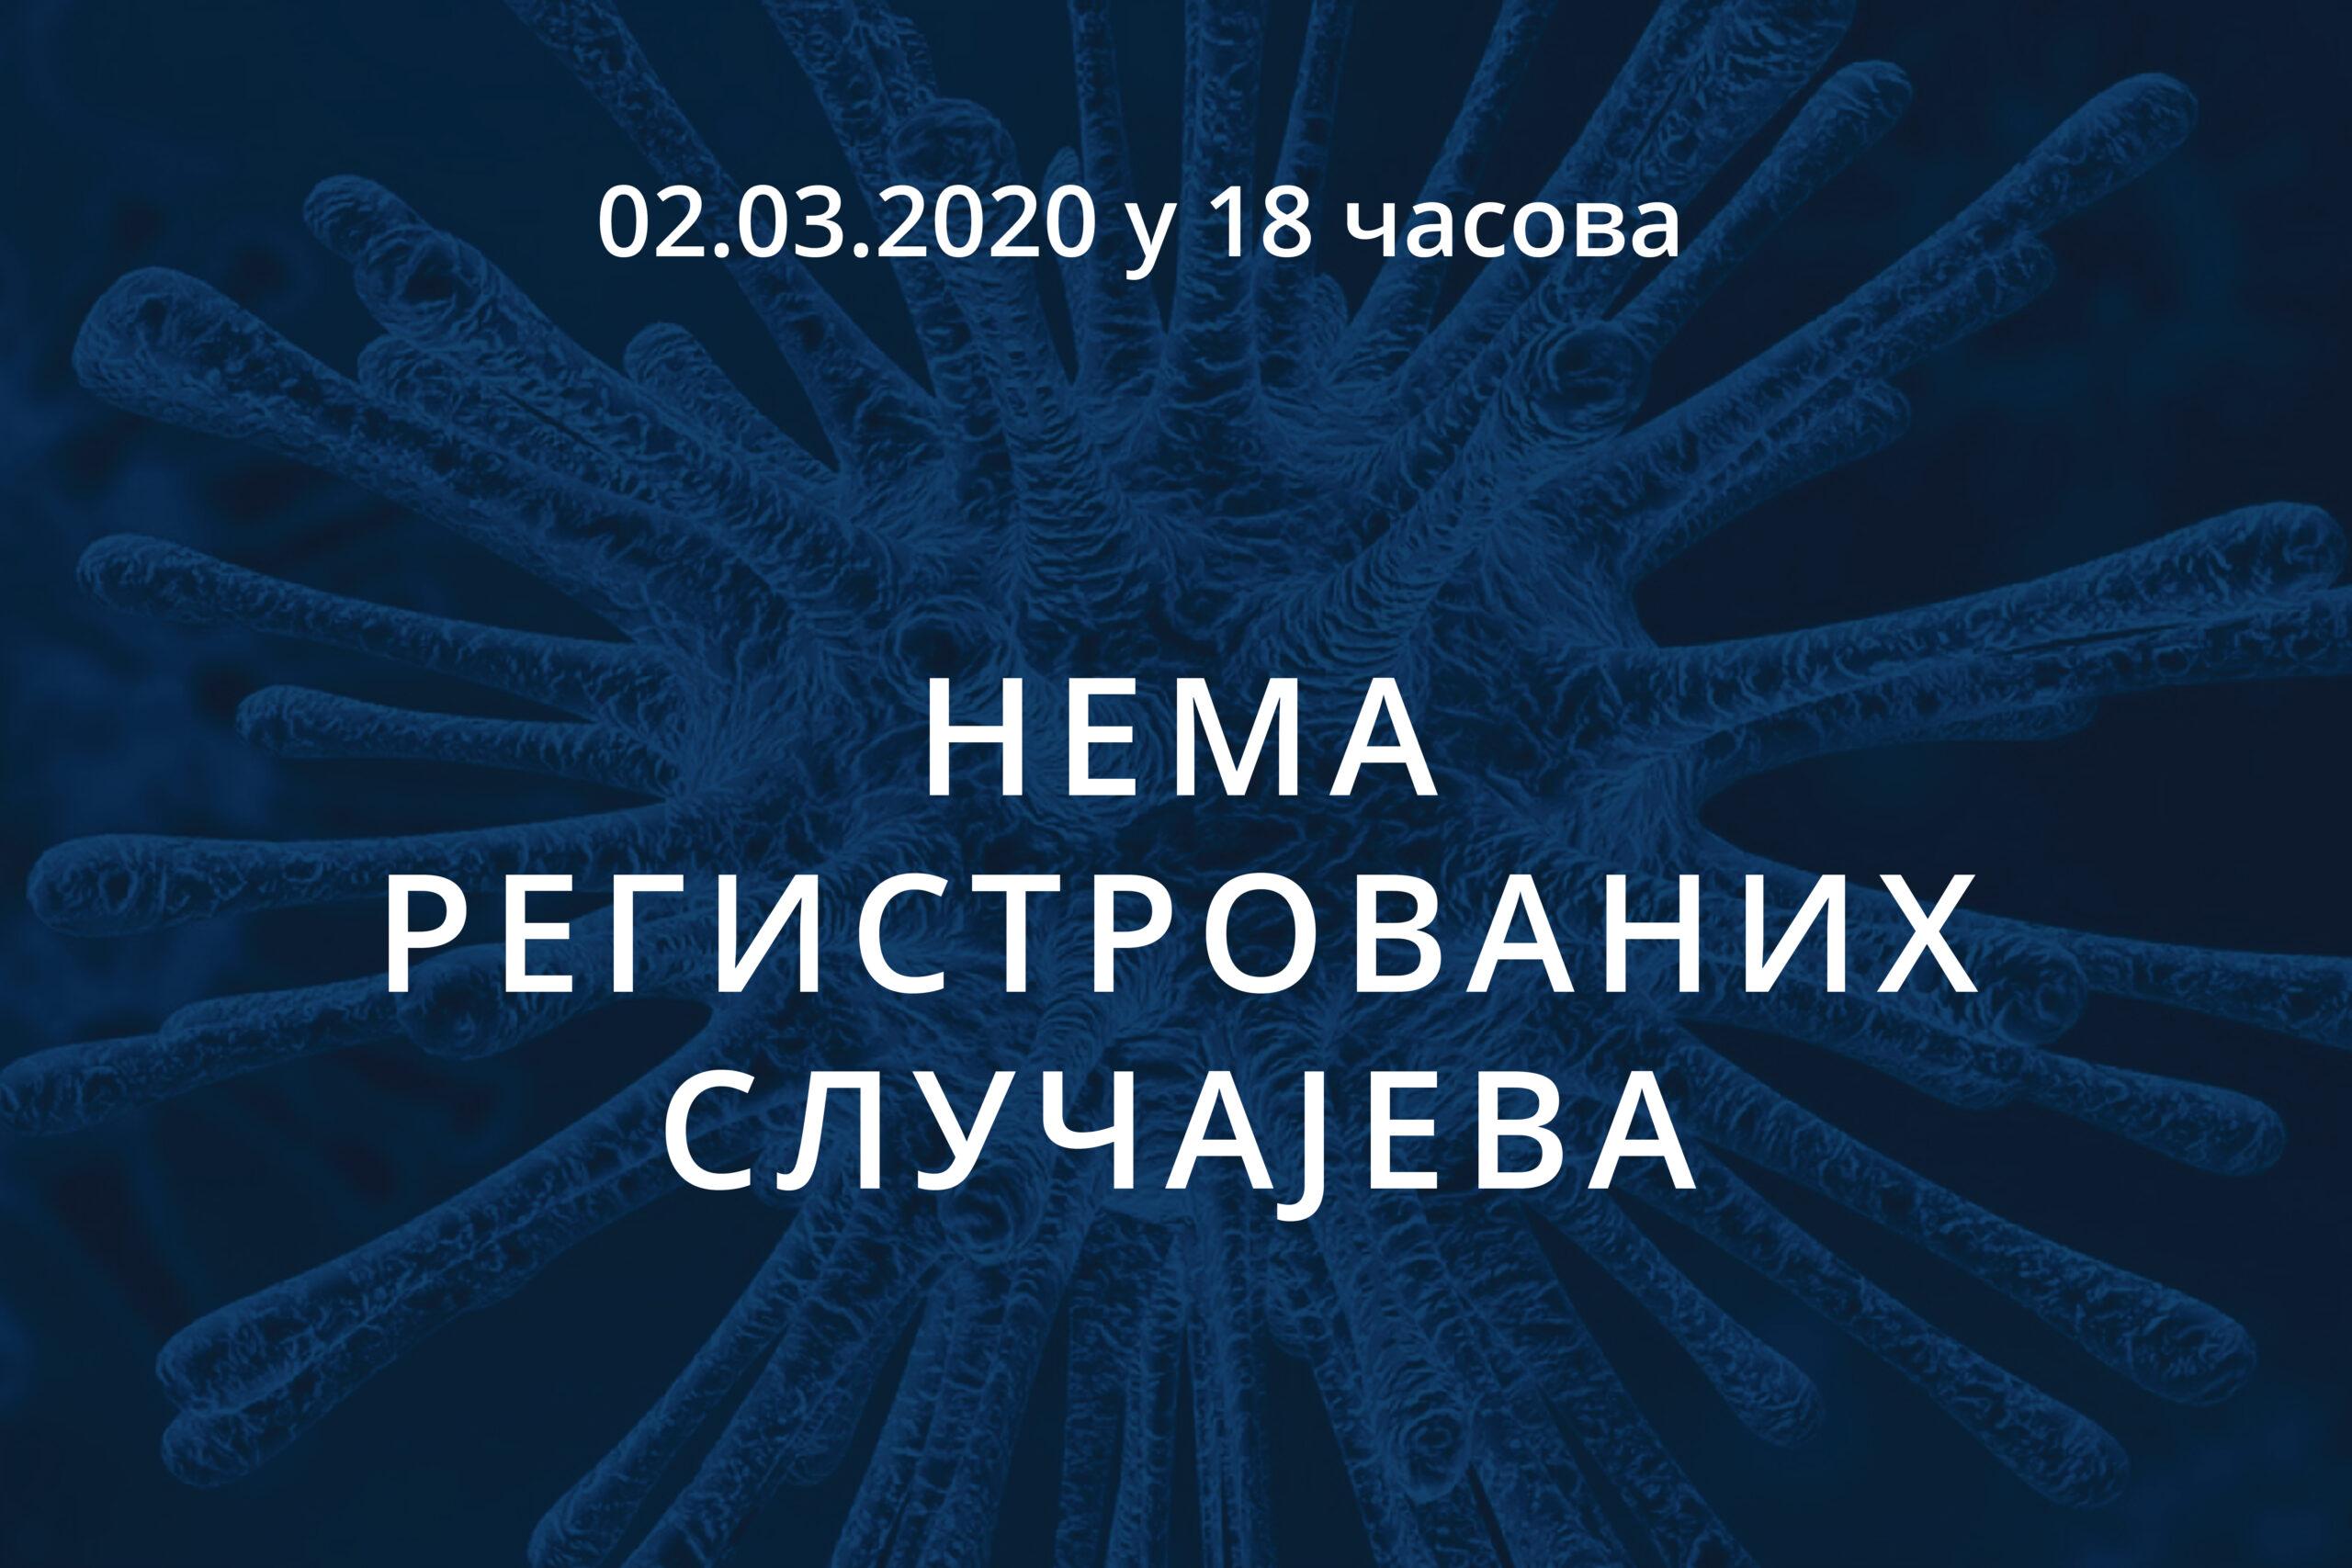 Информације о корона вирусу COVID-19, 02.03.2020 у 18 часова